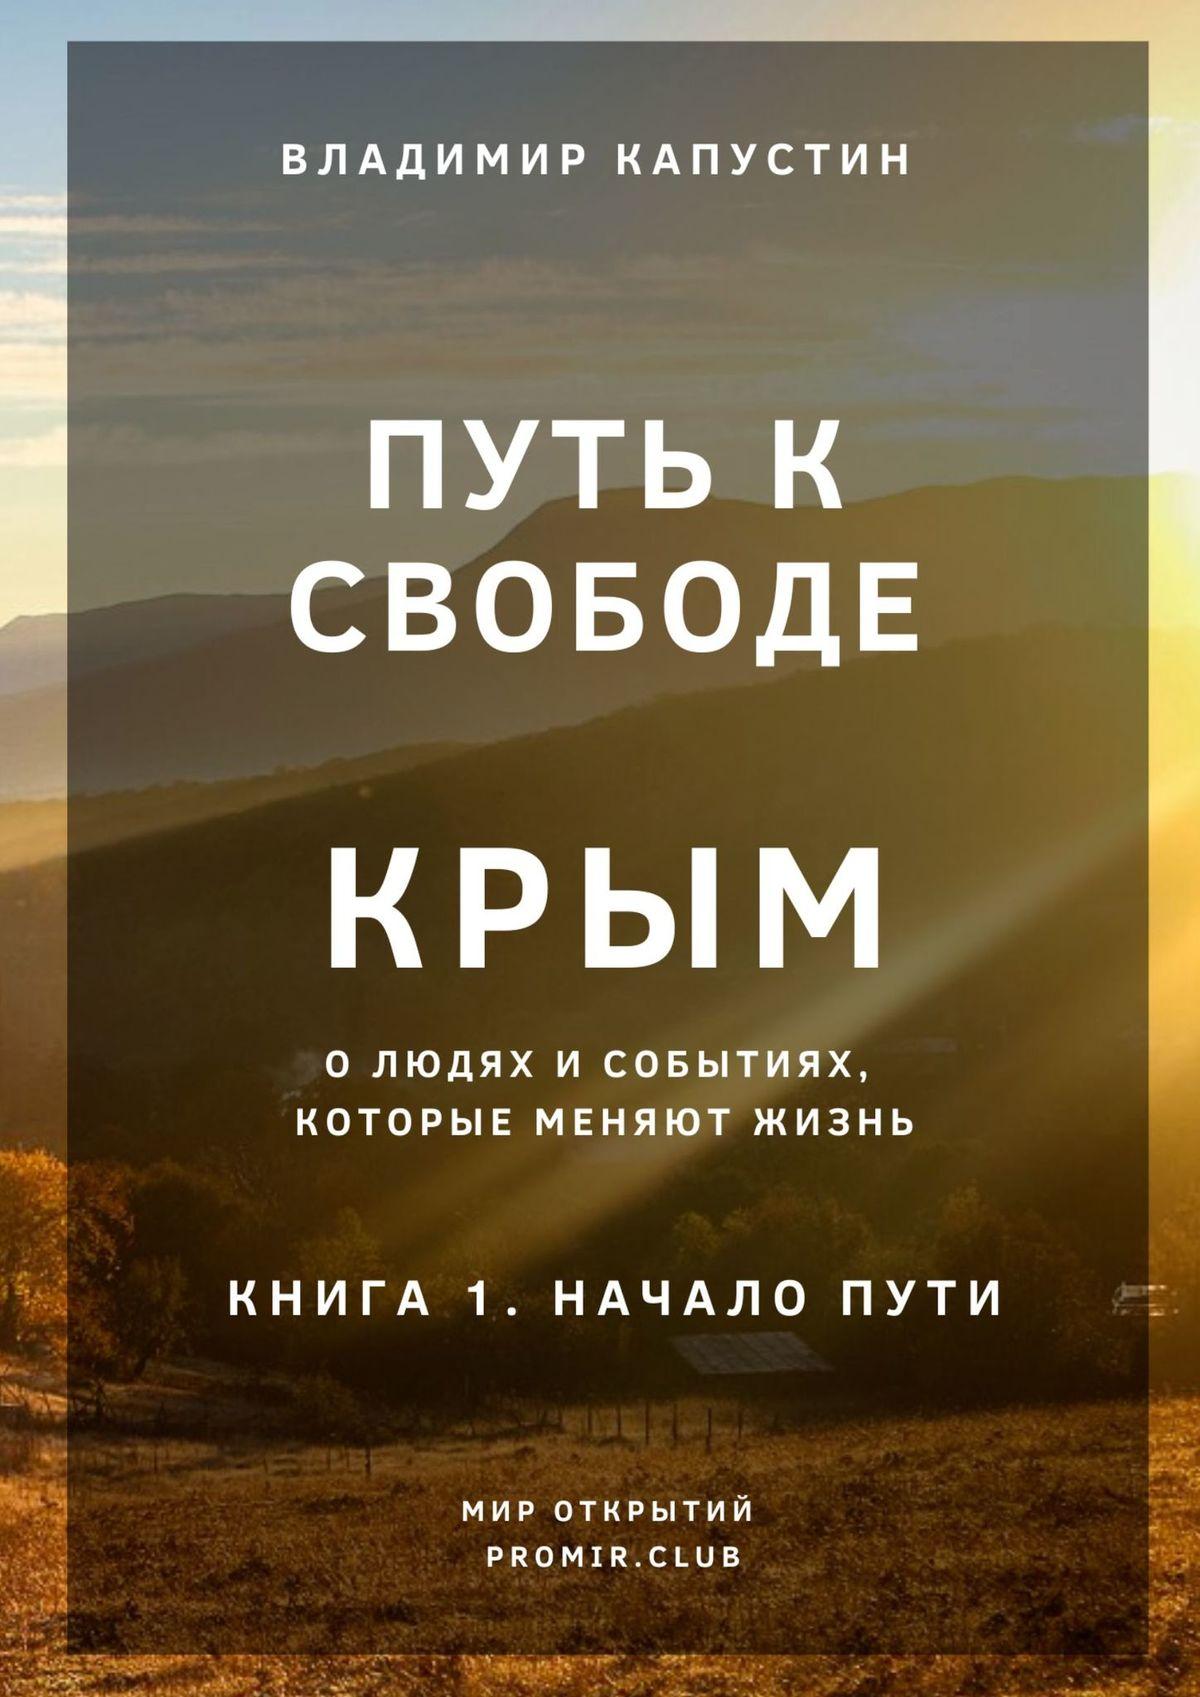 Владимир Капустин - Путь кСвободе.Крым. Книга 1. НачалоПути